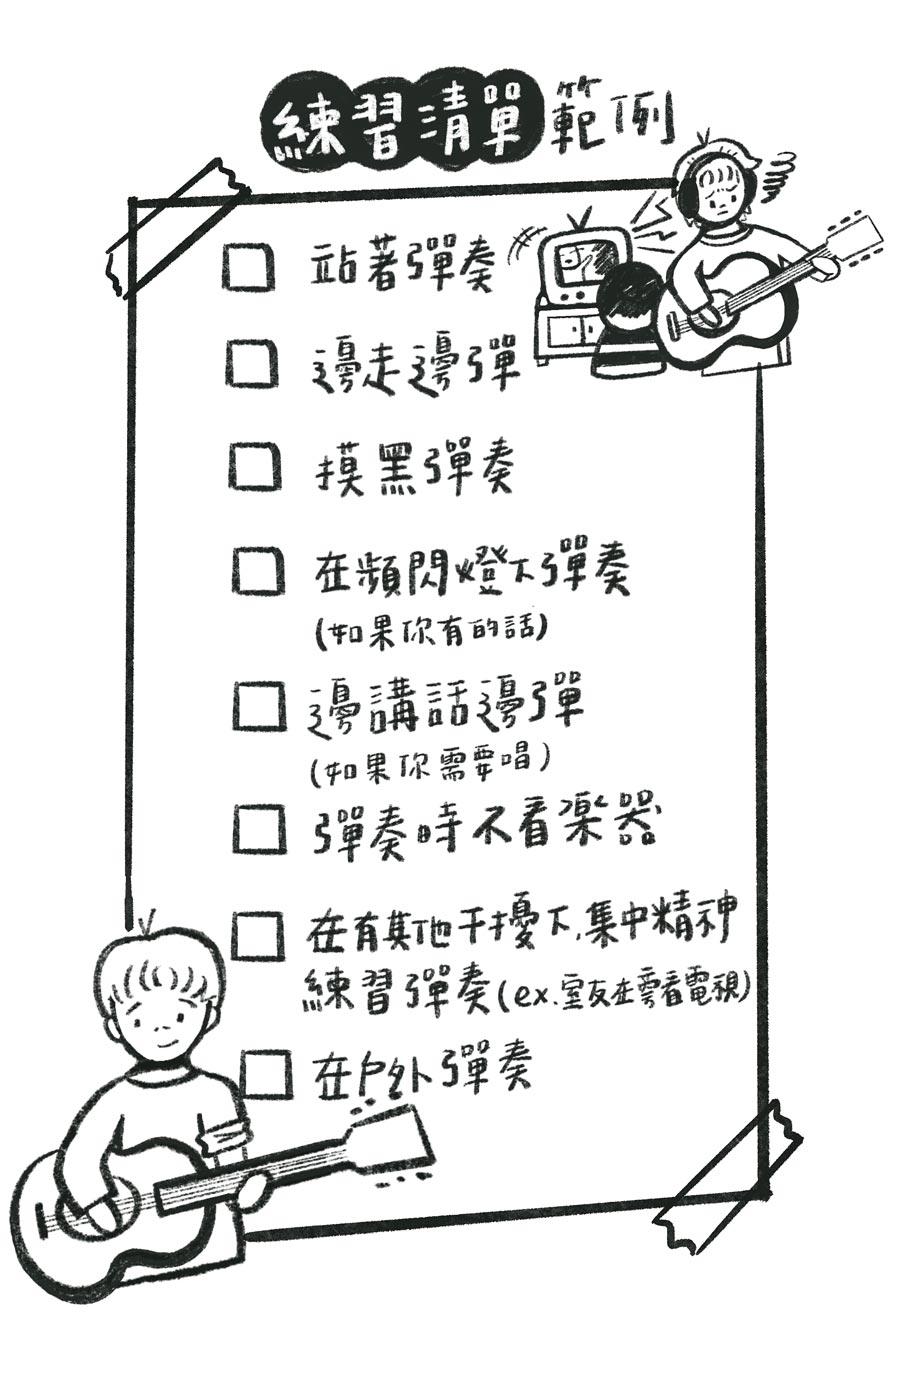 演出前練習清單一覽